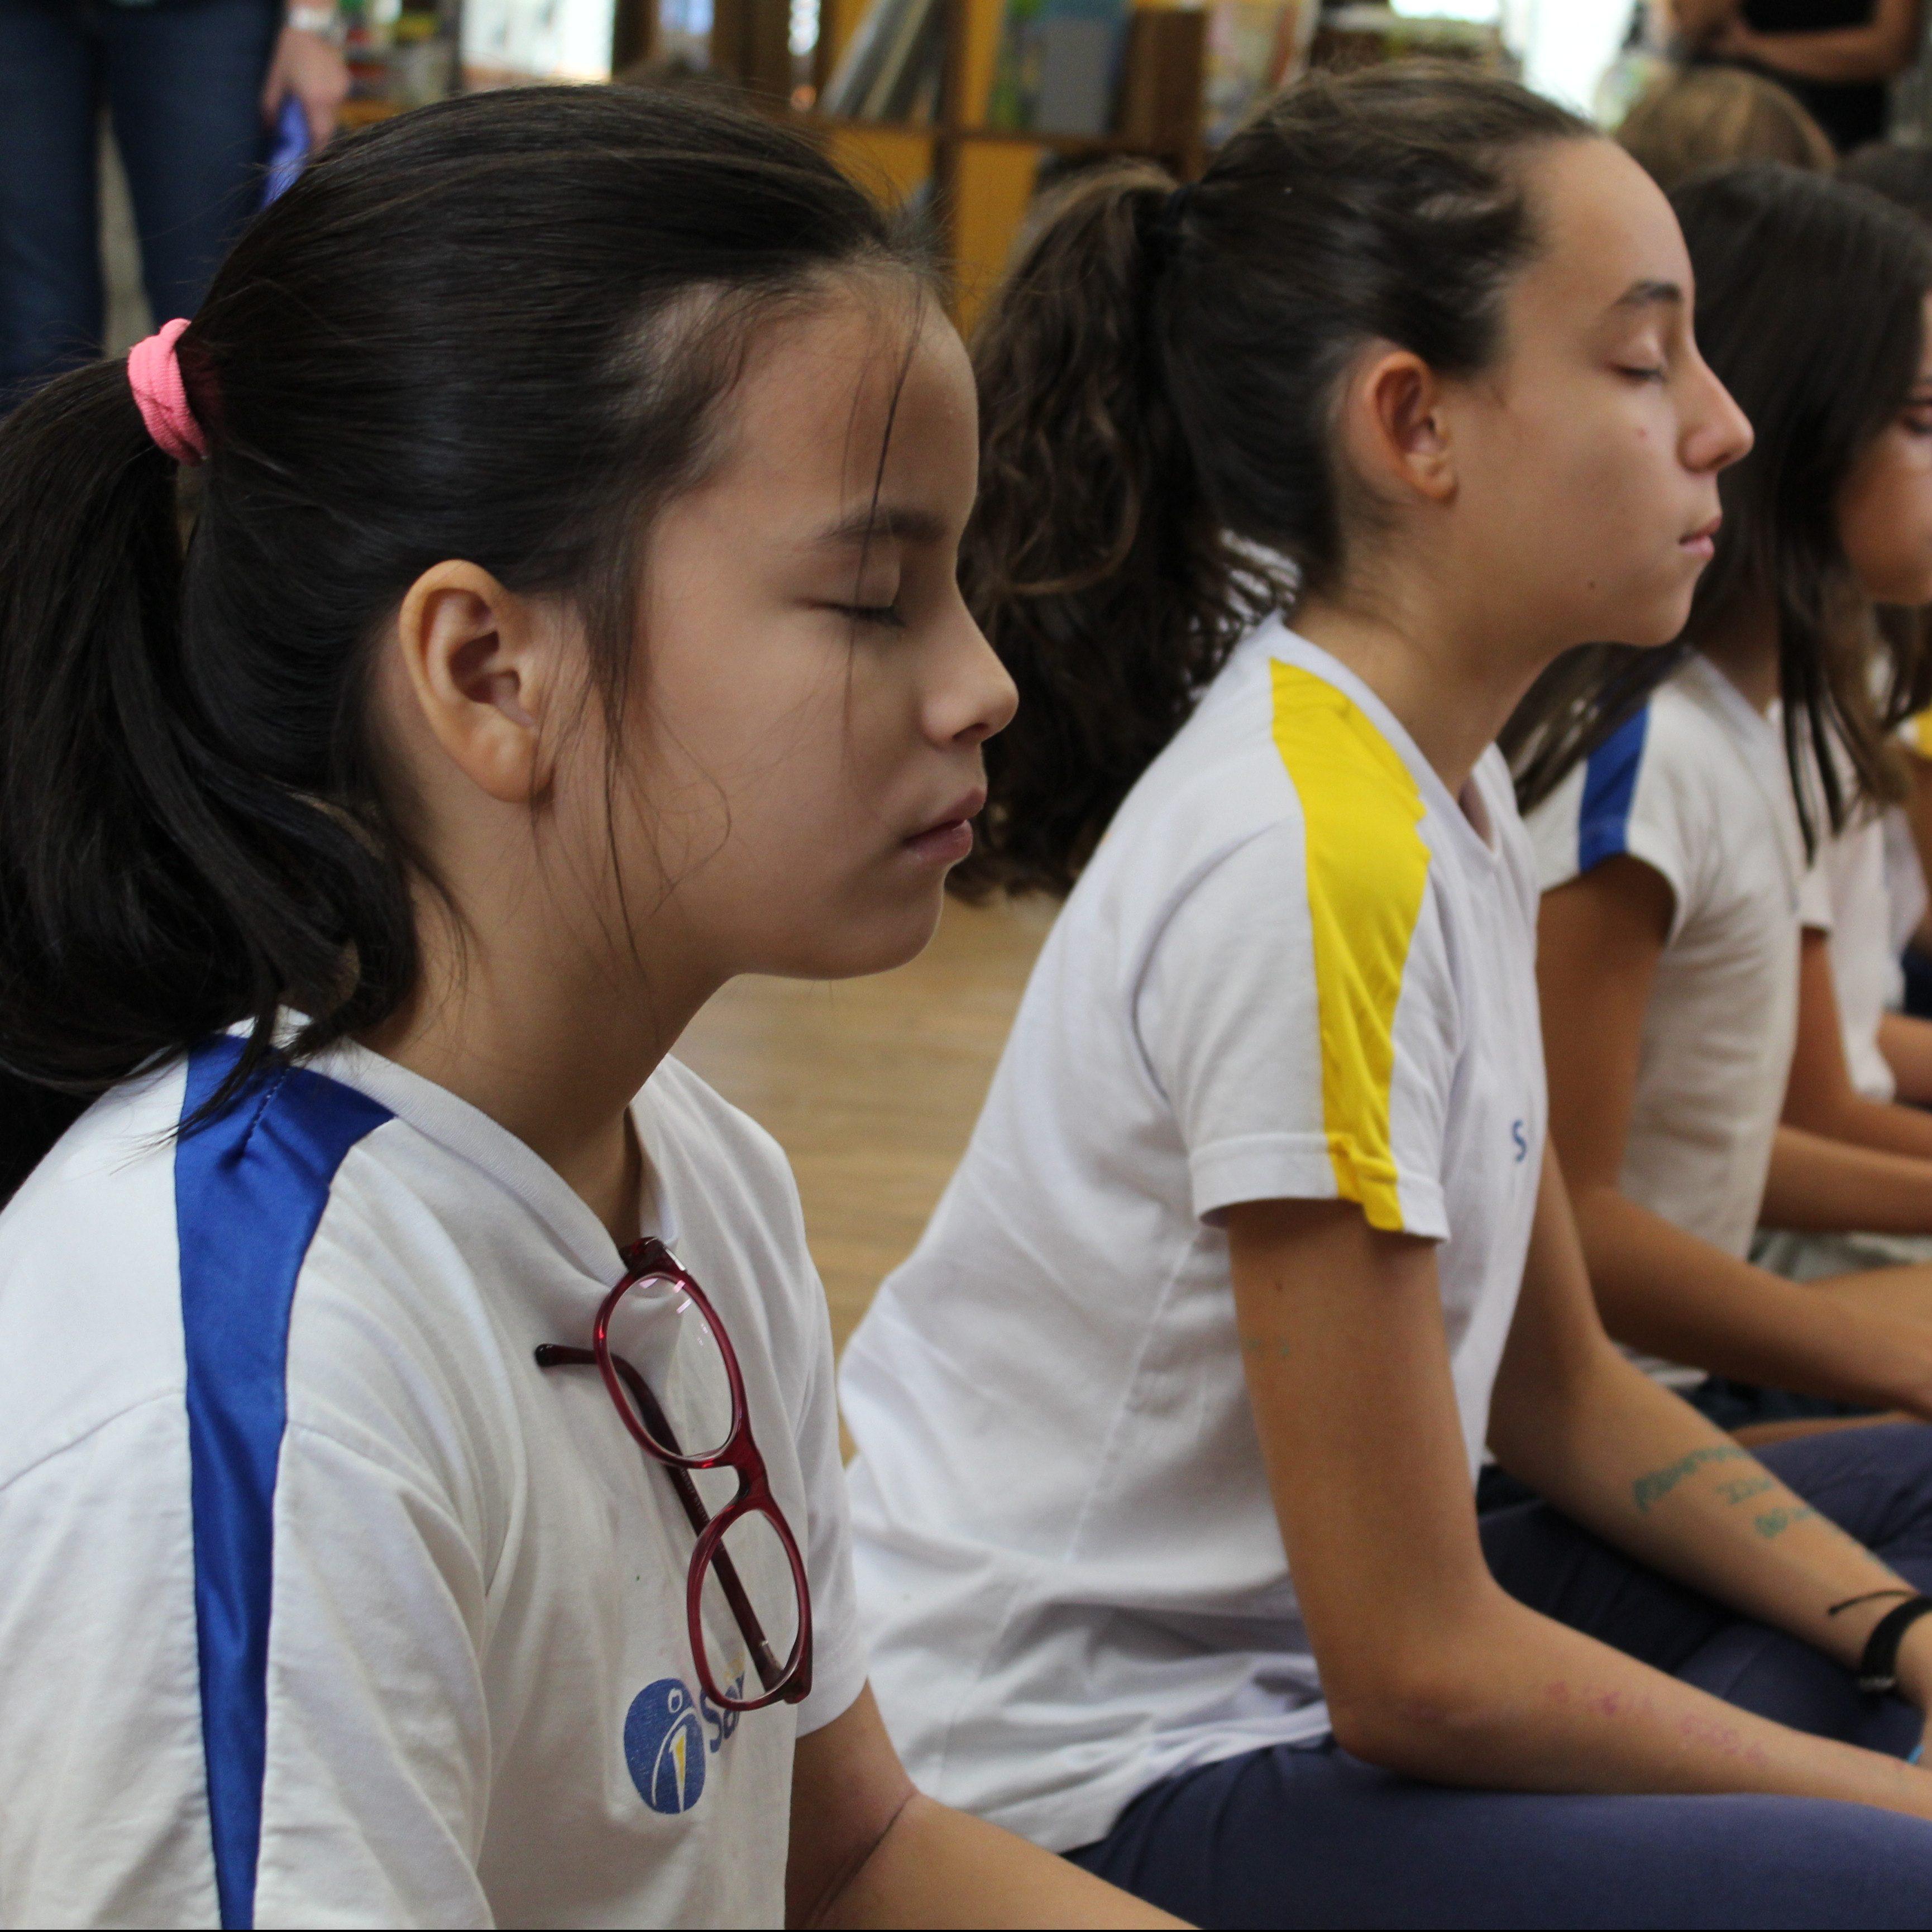 Curso De Mindfulness Auxilia Alunos A Aperfeiçoar Suas Habilidades Socioemocionais